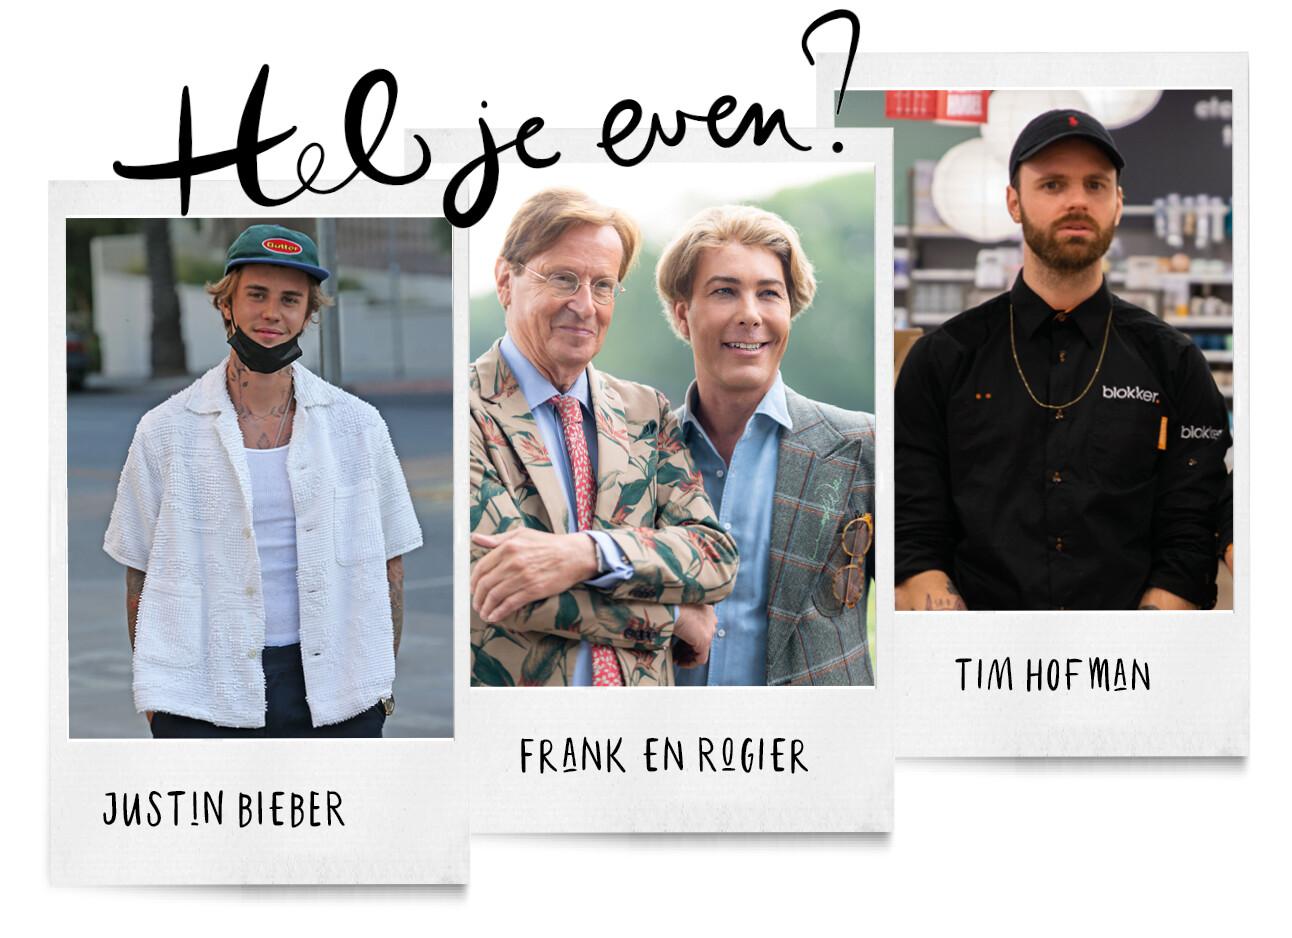 Justin Bieber, Tim Hofman, Televizier-ring